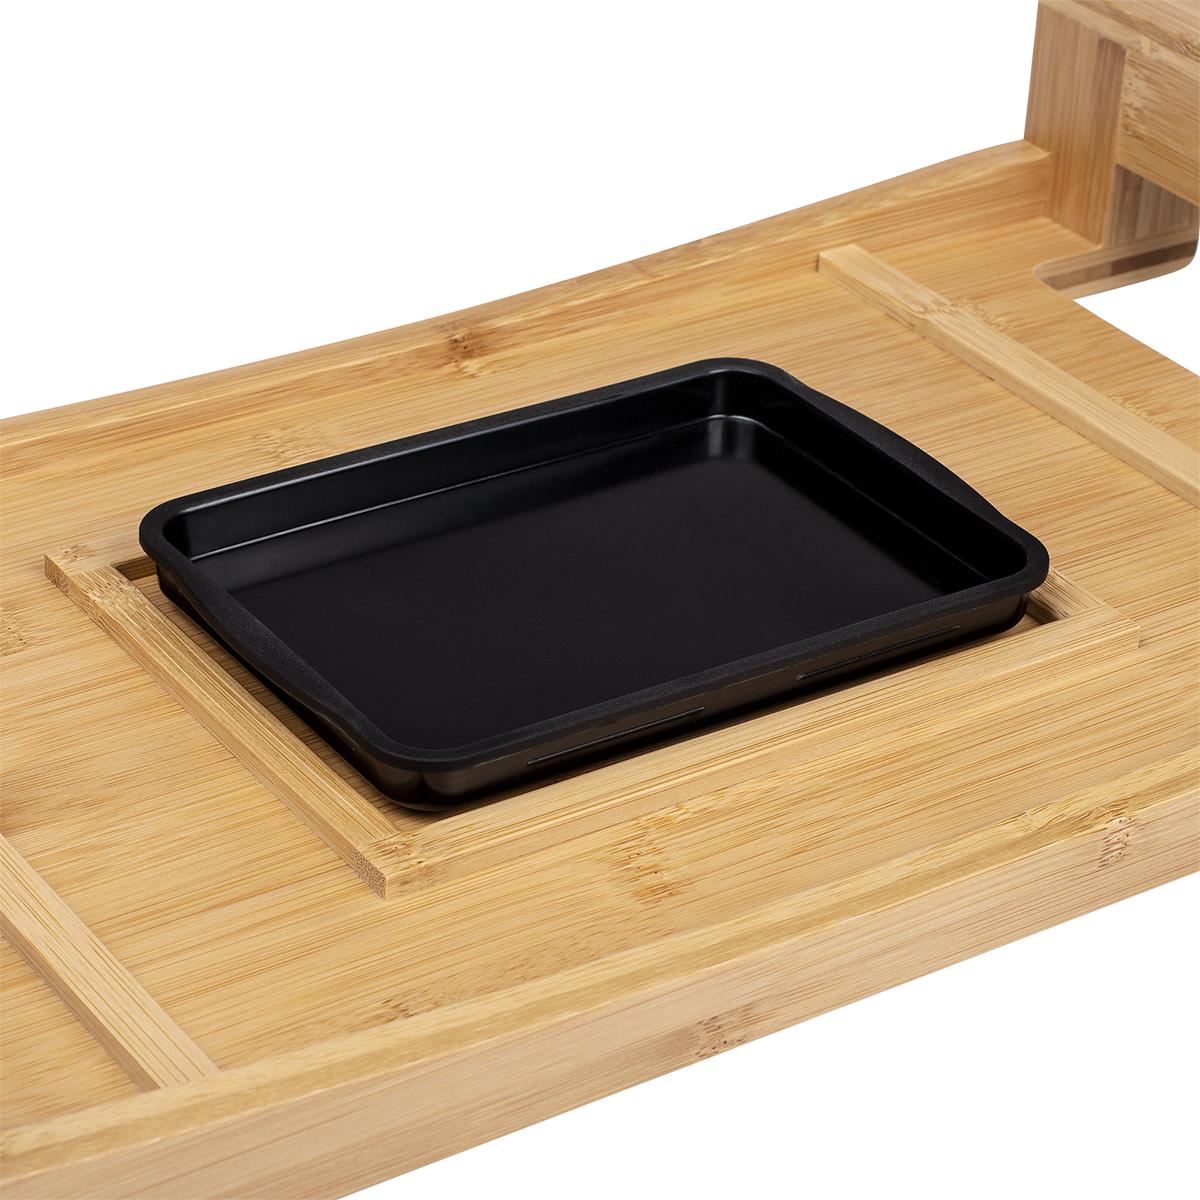 余計な水分や油をためてくれる受け皿付きのテーブルグリルプレート・ホットプレート|PRINCESS社 Table Grill Mini